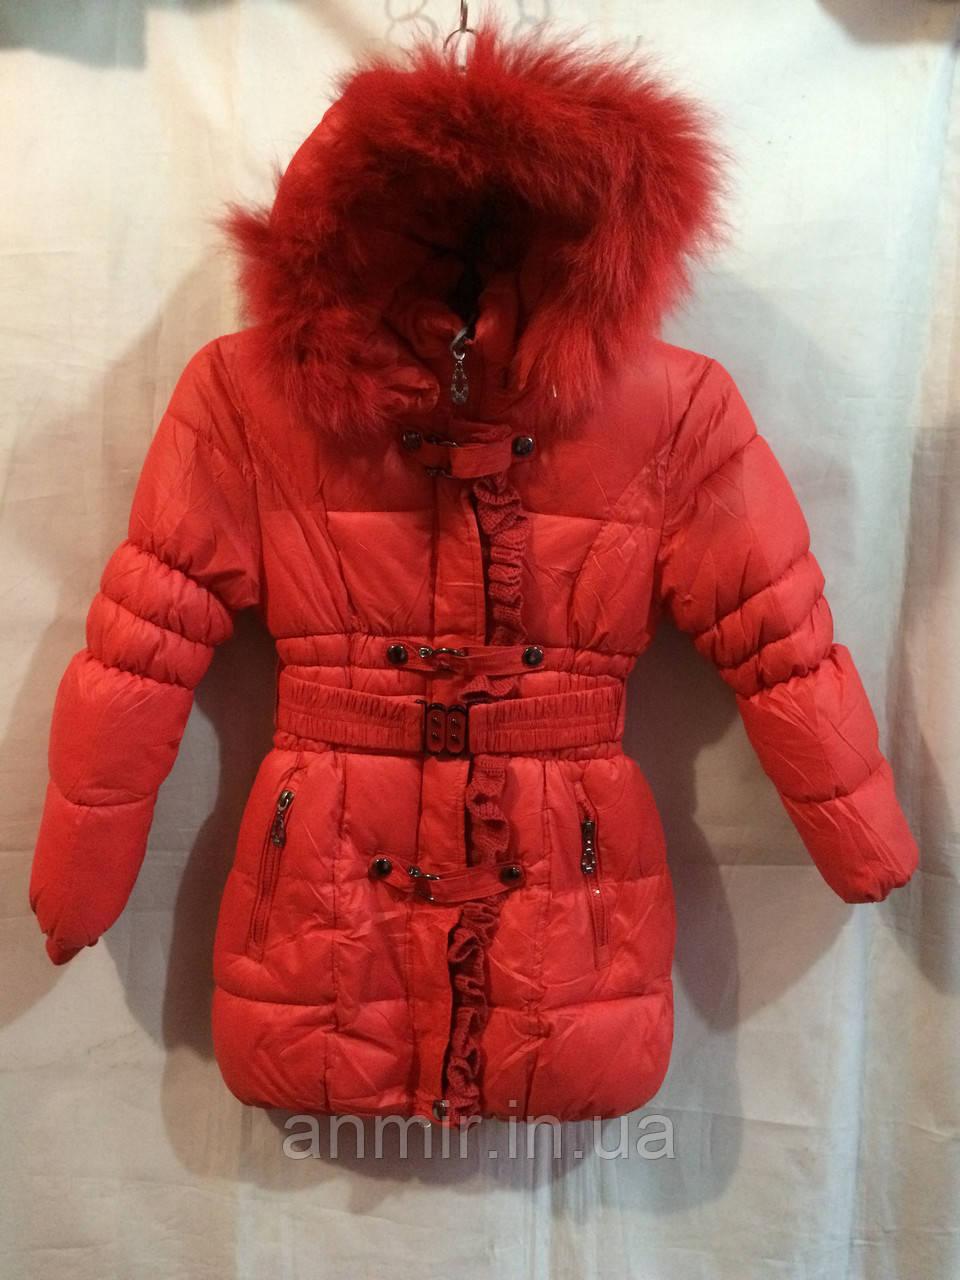 Полупальто зимнее для девочки 4-8 лет,Оранжевое, фото 1